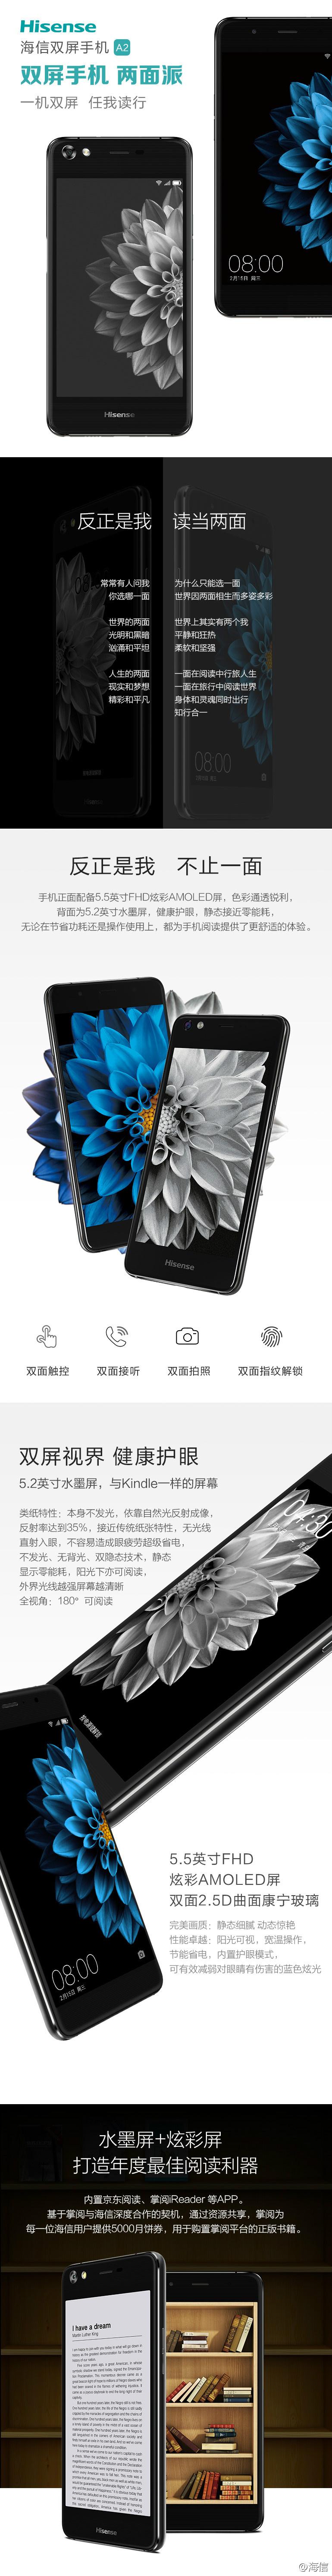 [话筒]水墨屏手机来啦!海信A2双屏手机即将上市![1]元众筹正在进行:http://t.cn